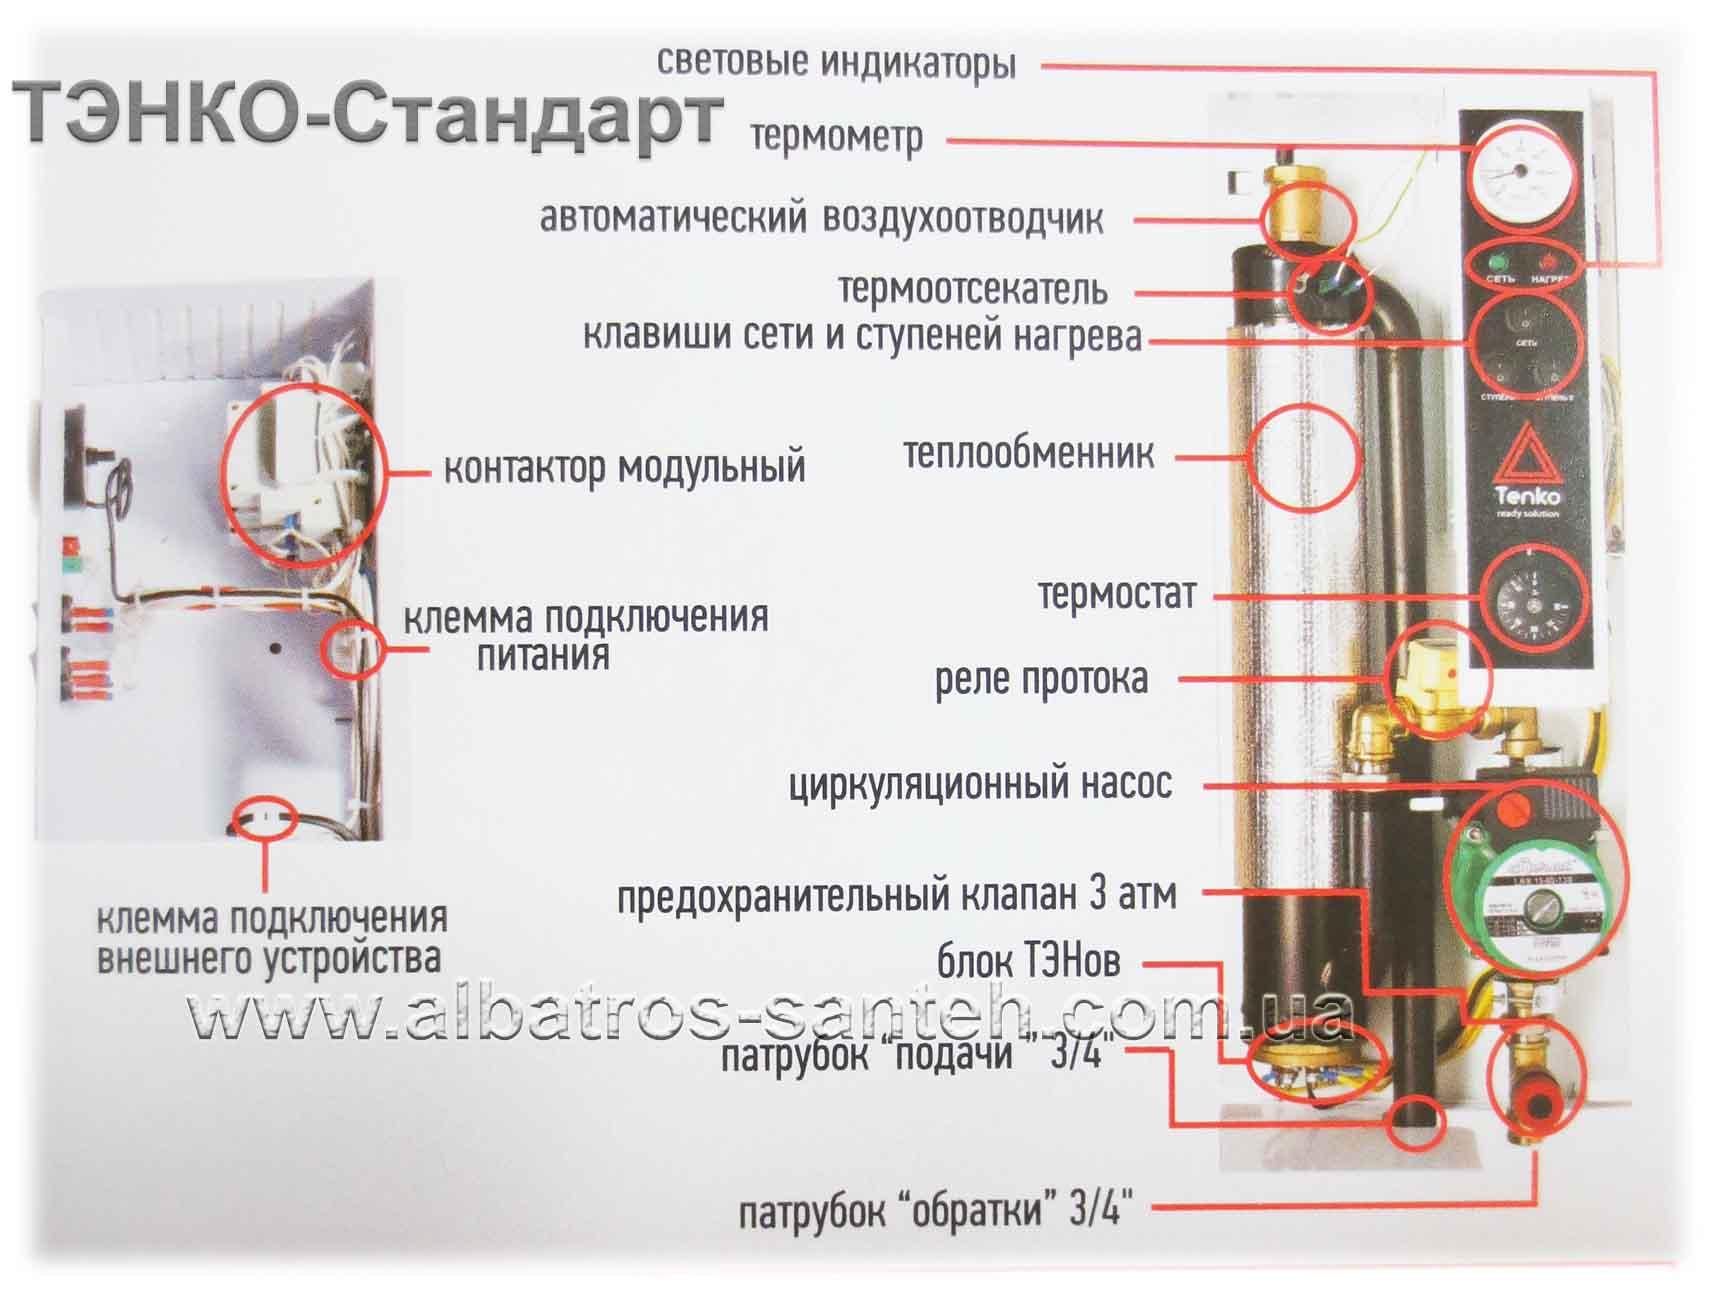 Электродные электрические котлы: принцип работы, достоинства и недостатки